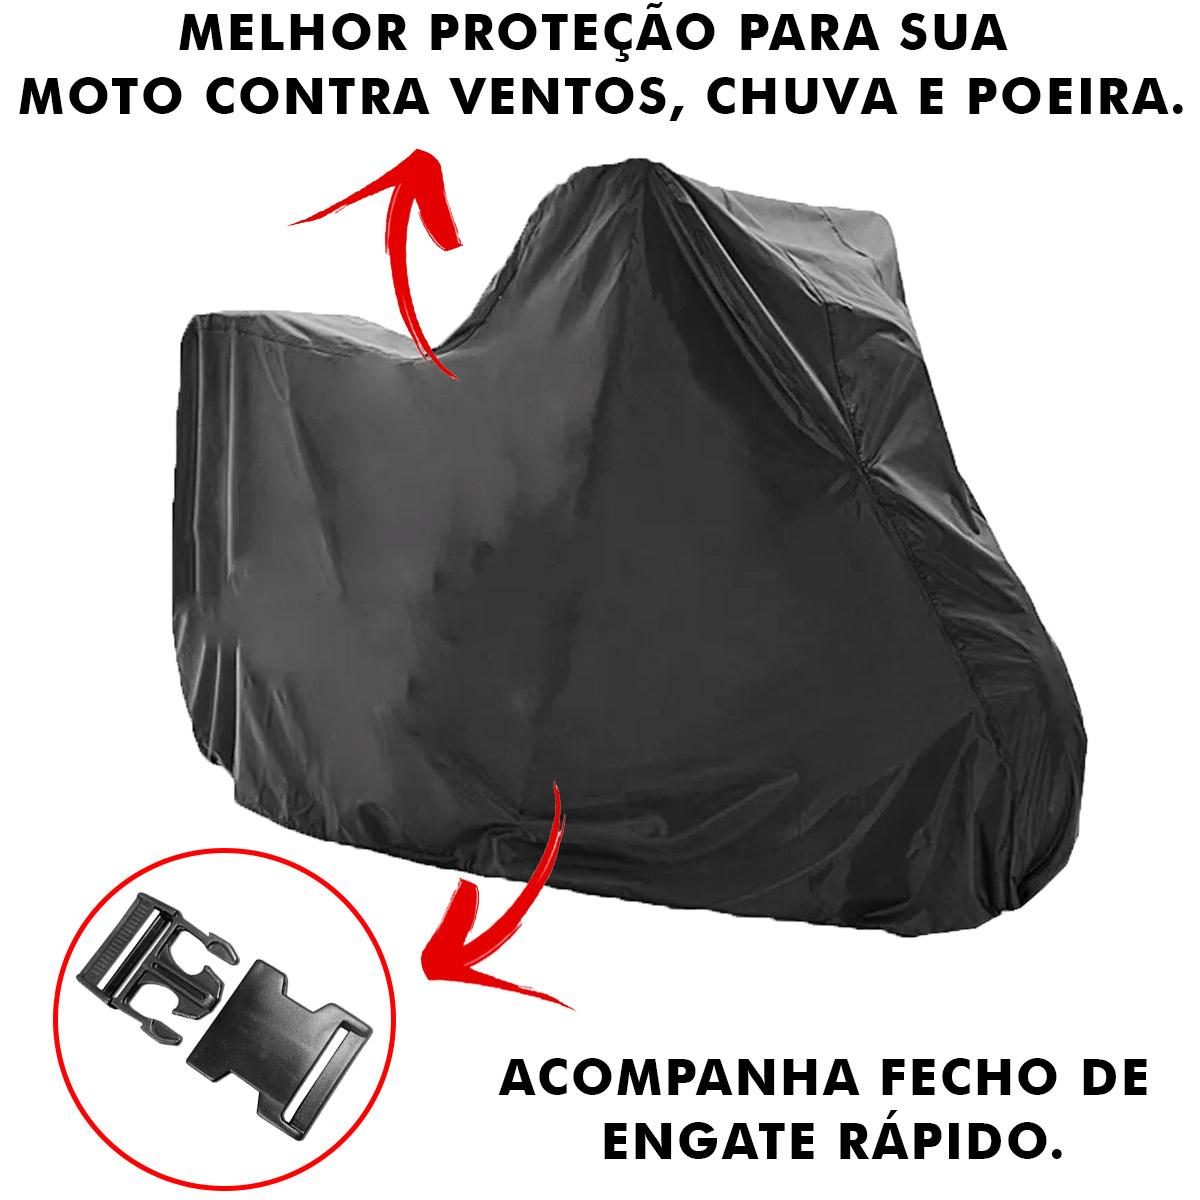 Capa de Moto Forrada Anti-UV Proteção Contra Chuva Vento Poeira Tamanho P Poliparts